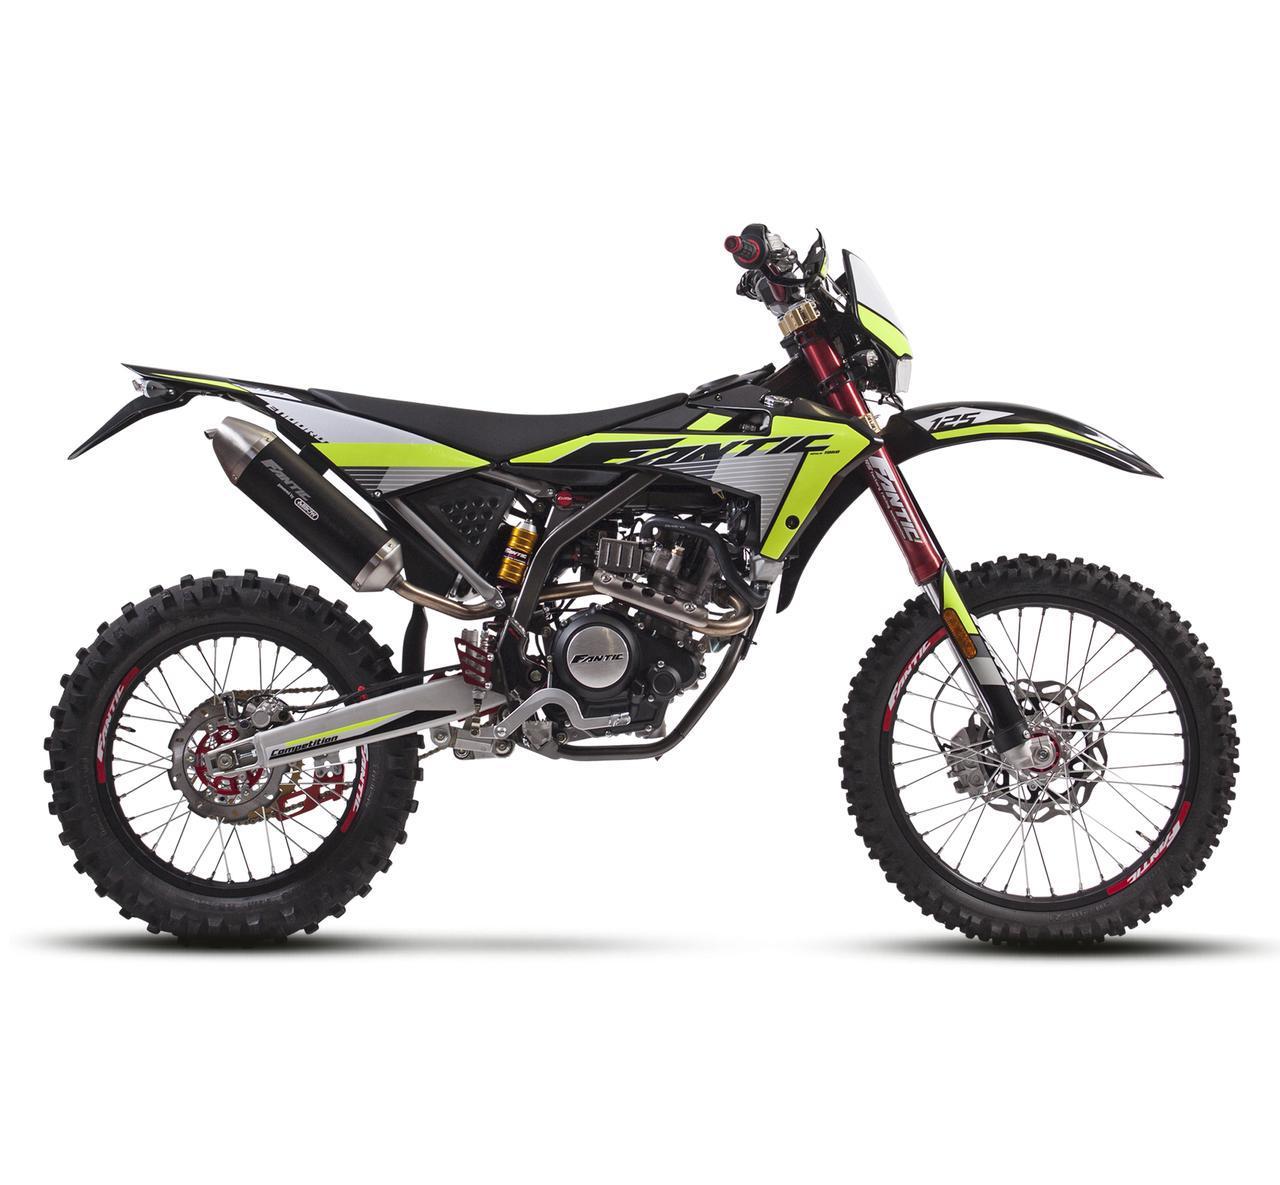 画像1: ライダーを裏切らない公道4st125バイク。イタリアで最も売れた「エンデューロ」がアップデート